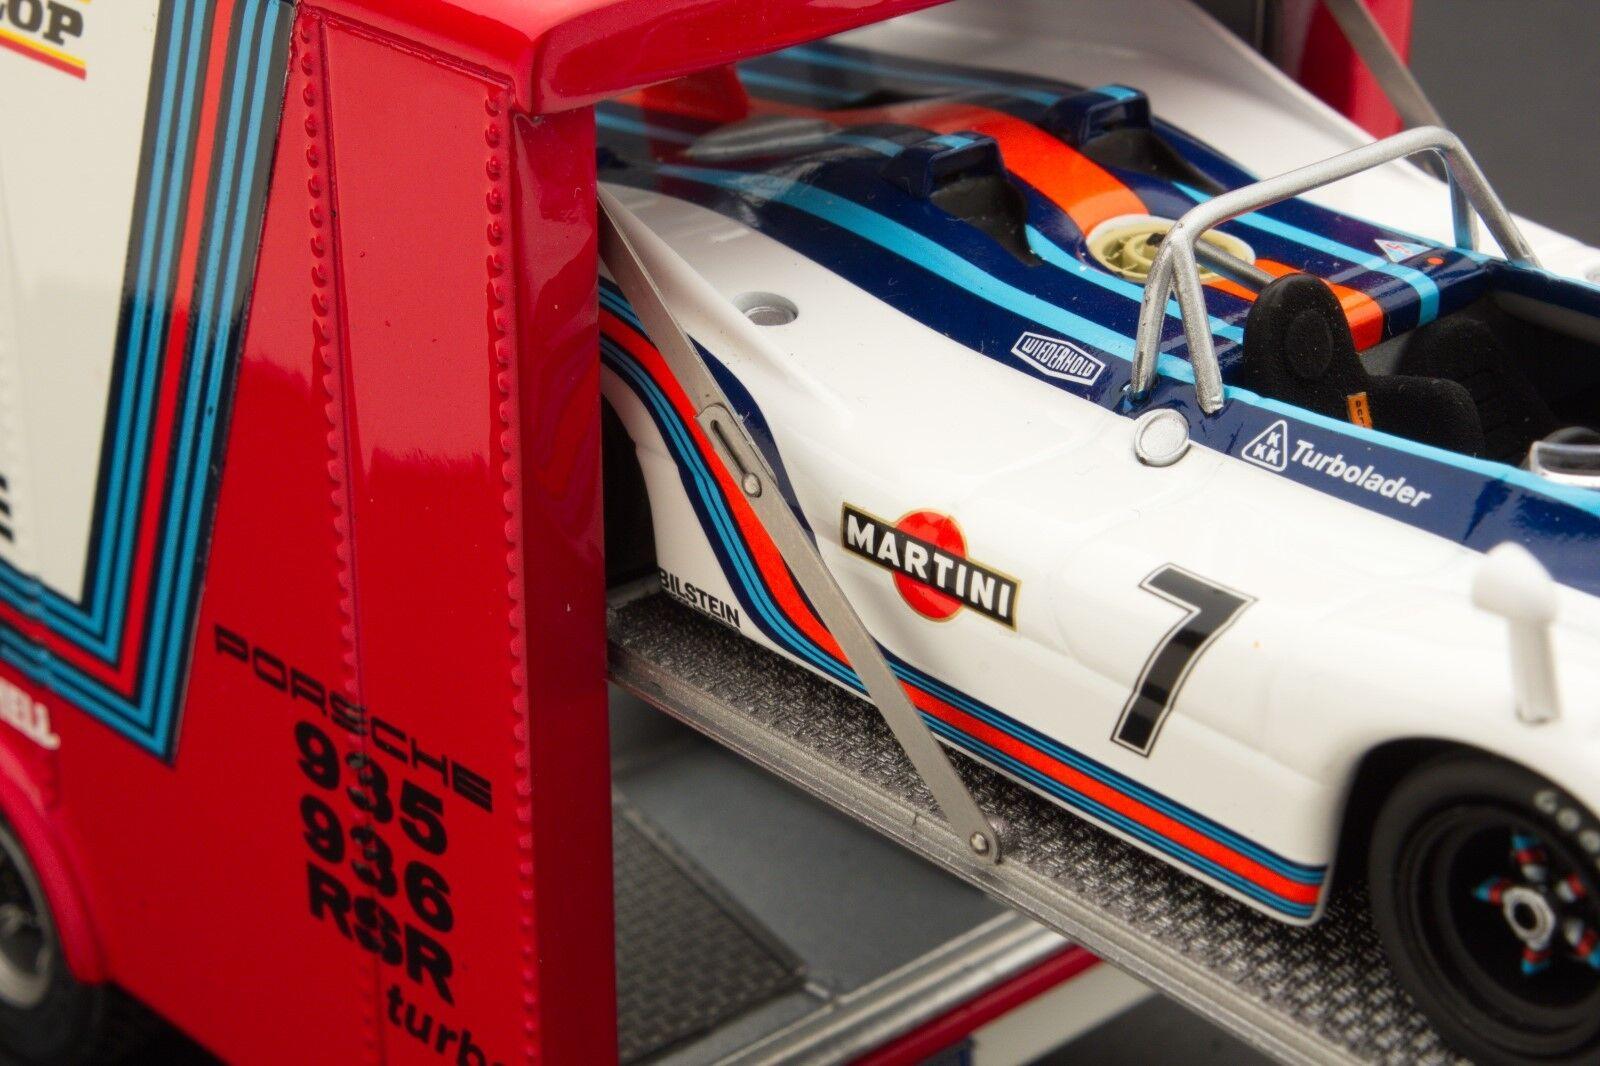 ¡envío gratis! Exoto Martini Porsche Porsche Porsche Racing Team500 Km Imola Conjunto de regaloEXO00014GS3  Garantía 100% de ajuste